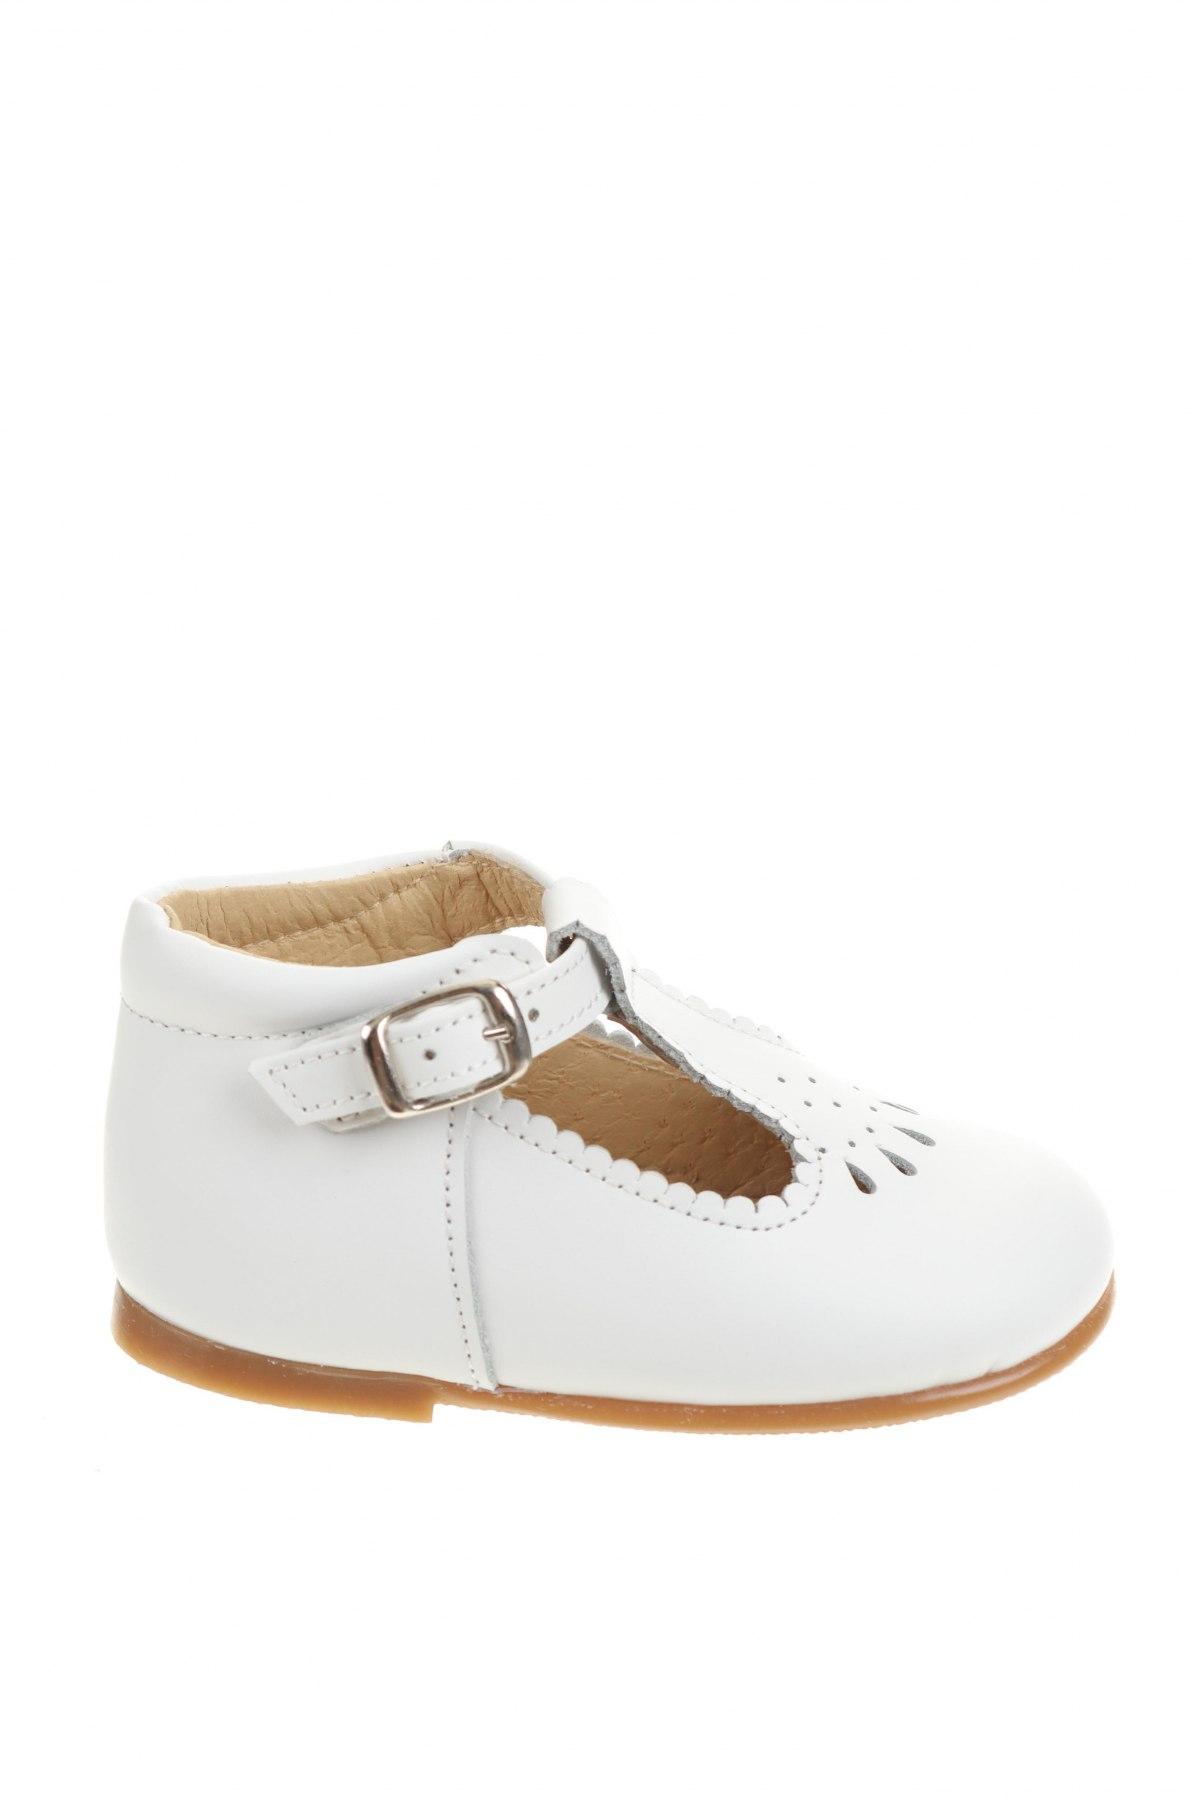 Детски обувки Lola Palacios, Размер 20, Цвят Бял, Естествена кожа, Цена 66,75лв.